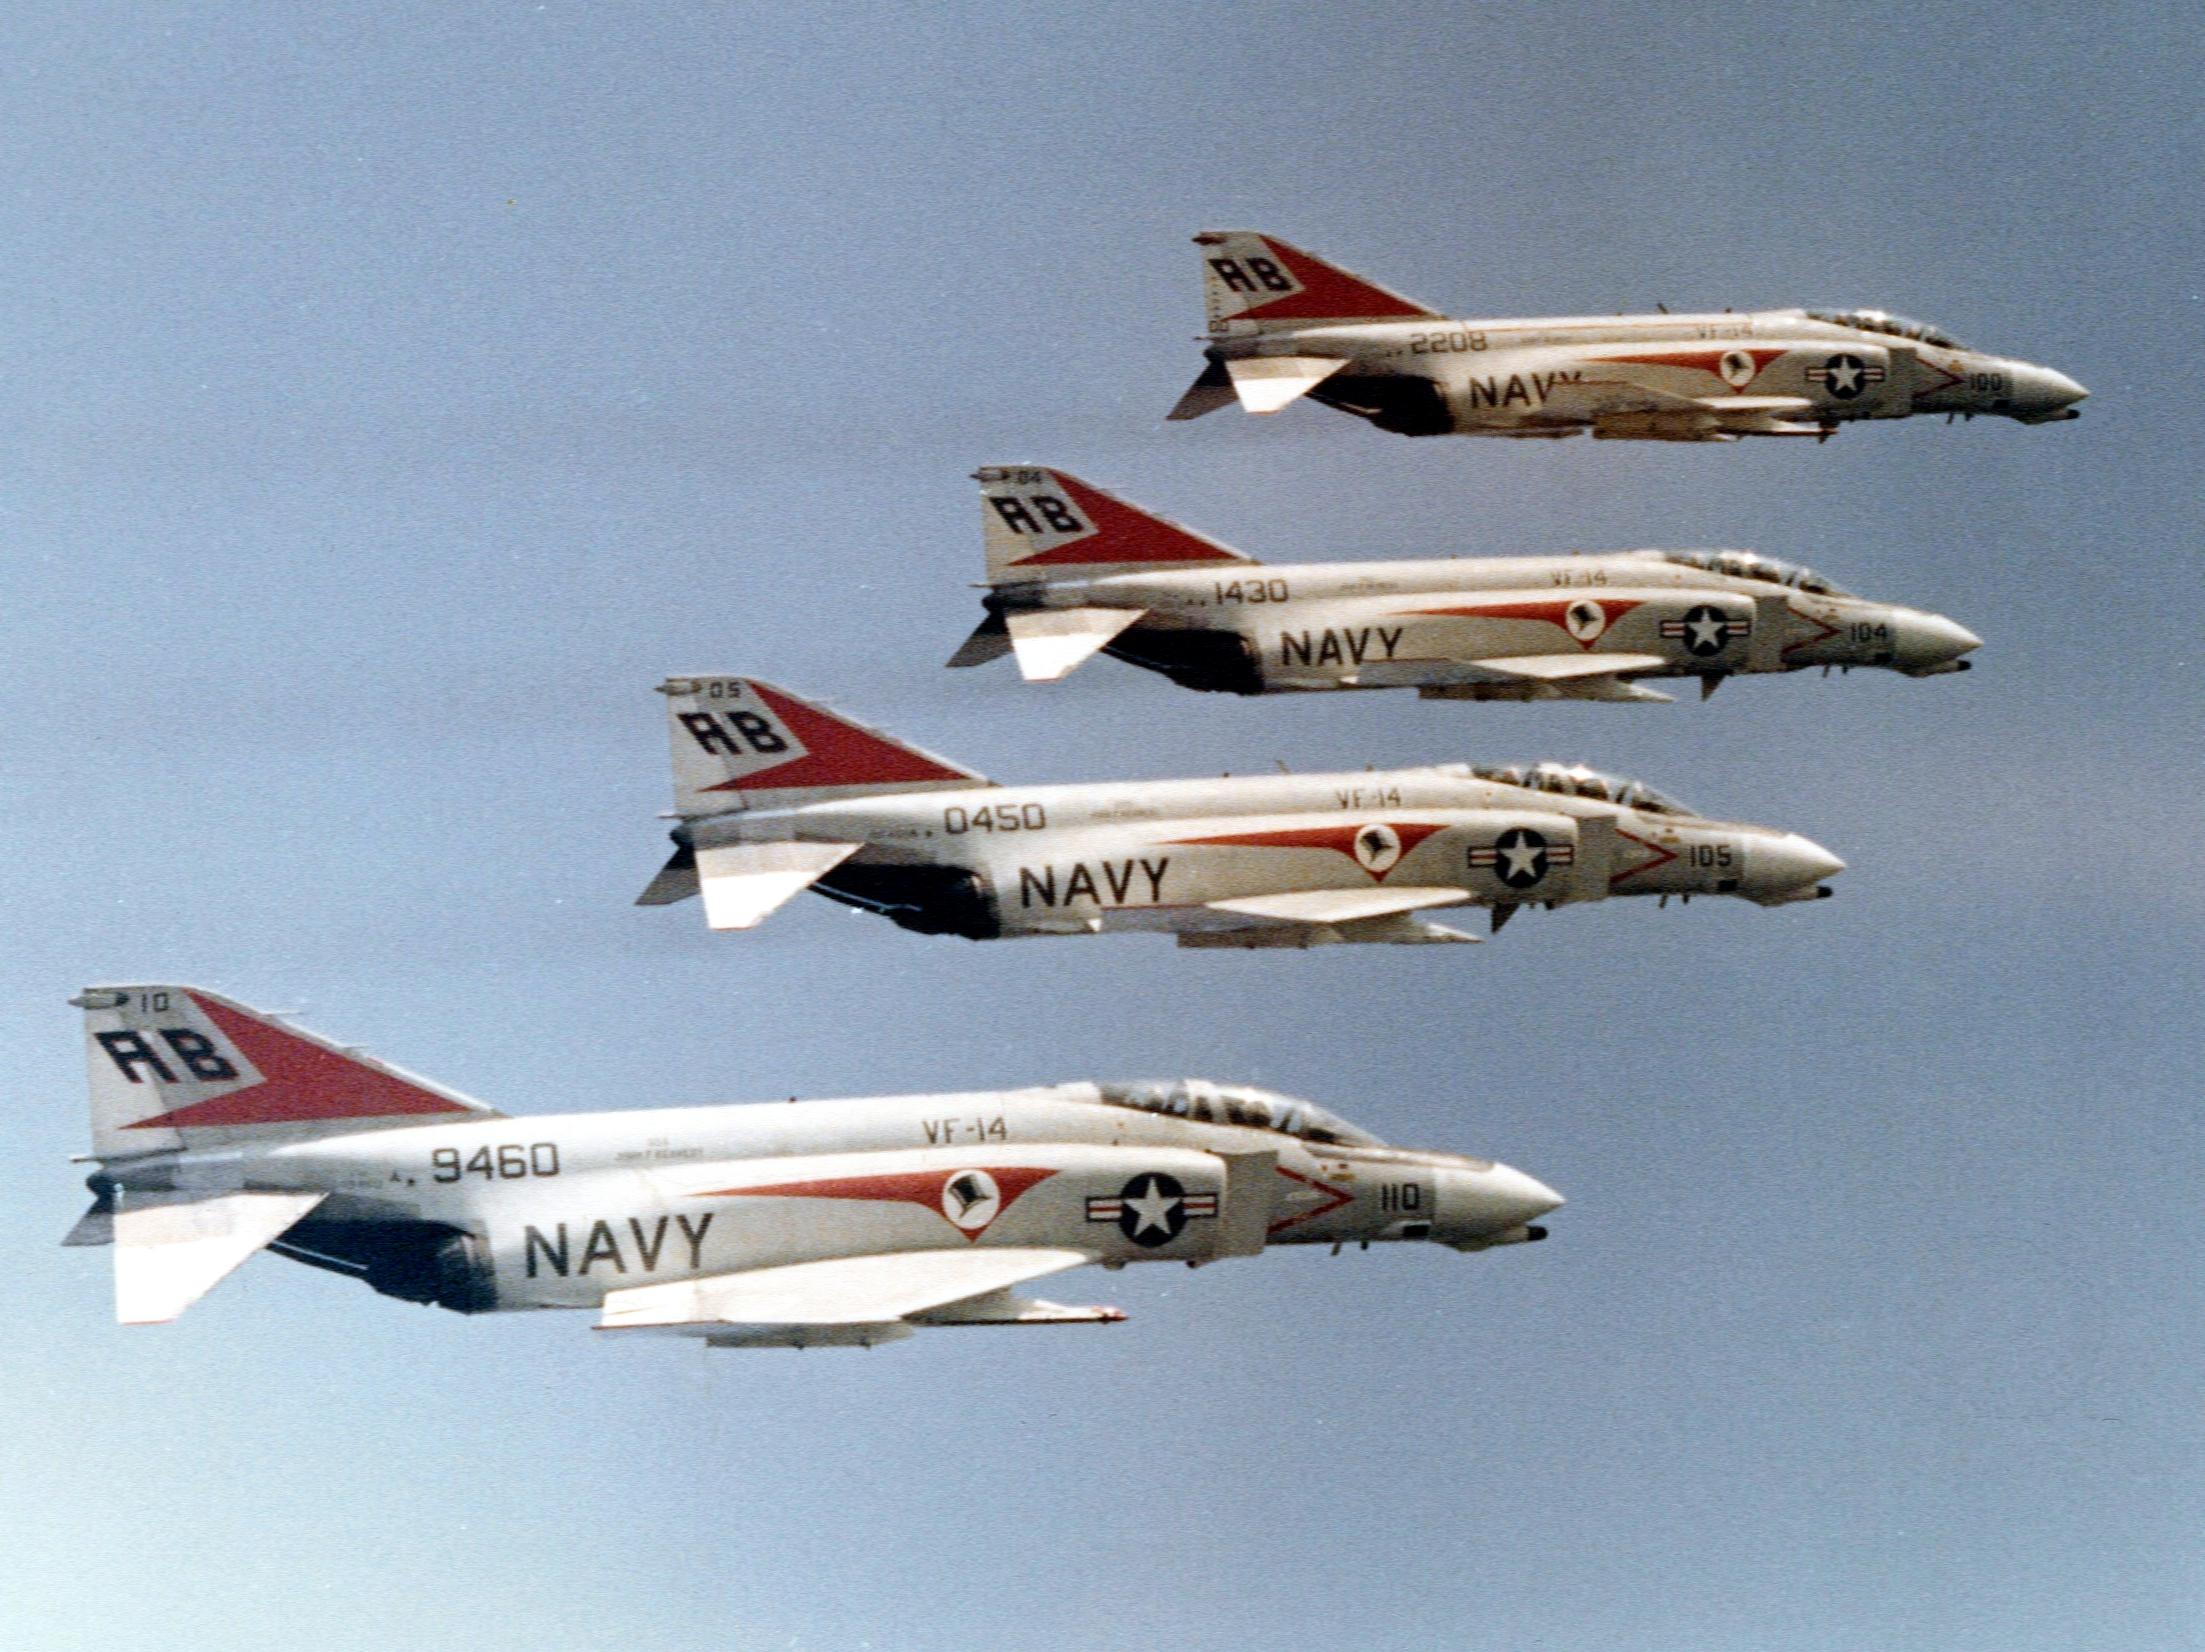 F-4B_Phantoms_of_VF-14_in_flight_c1970.j